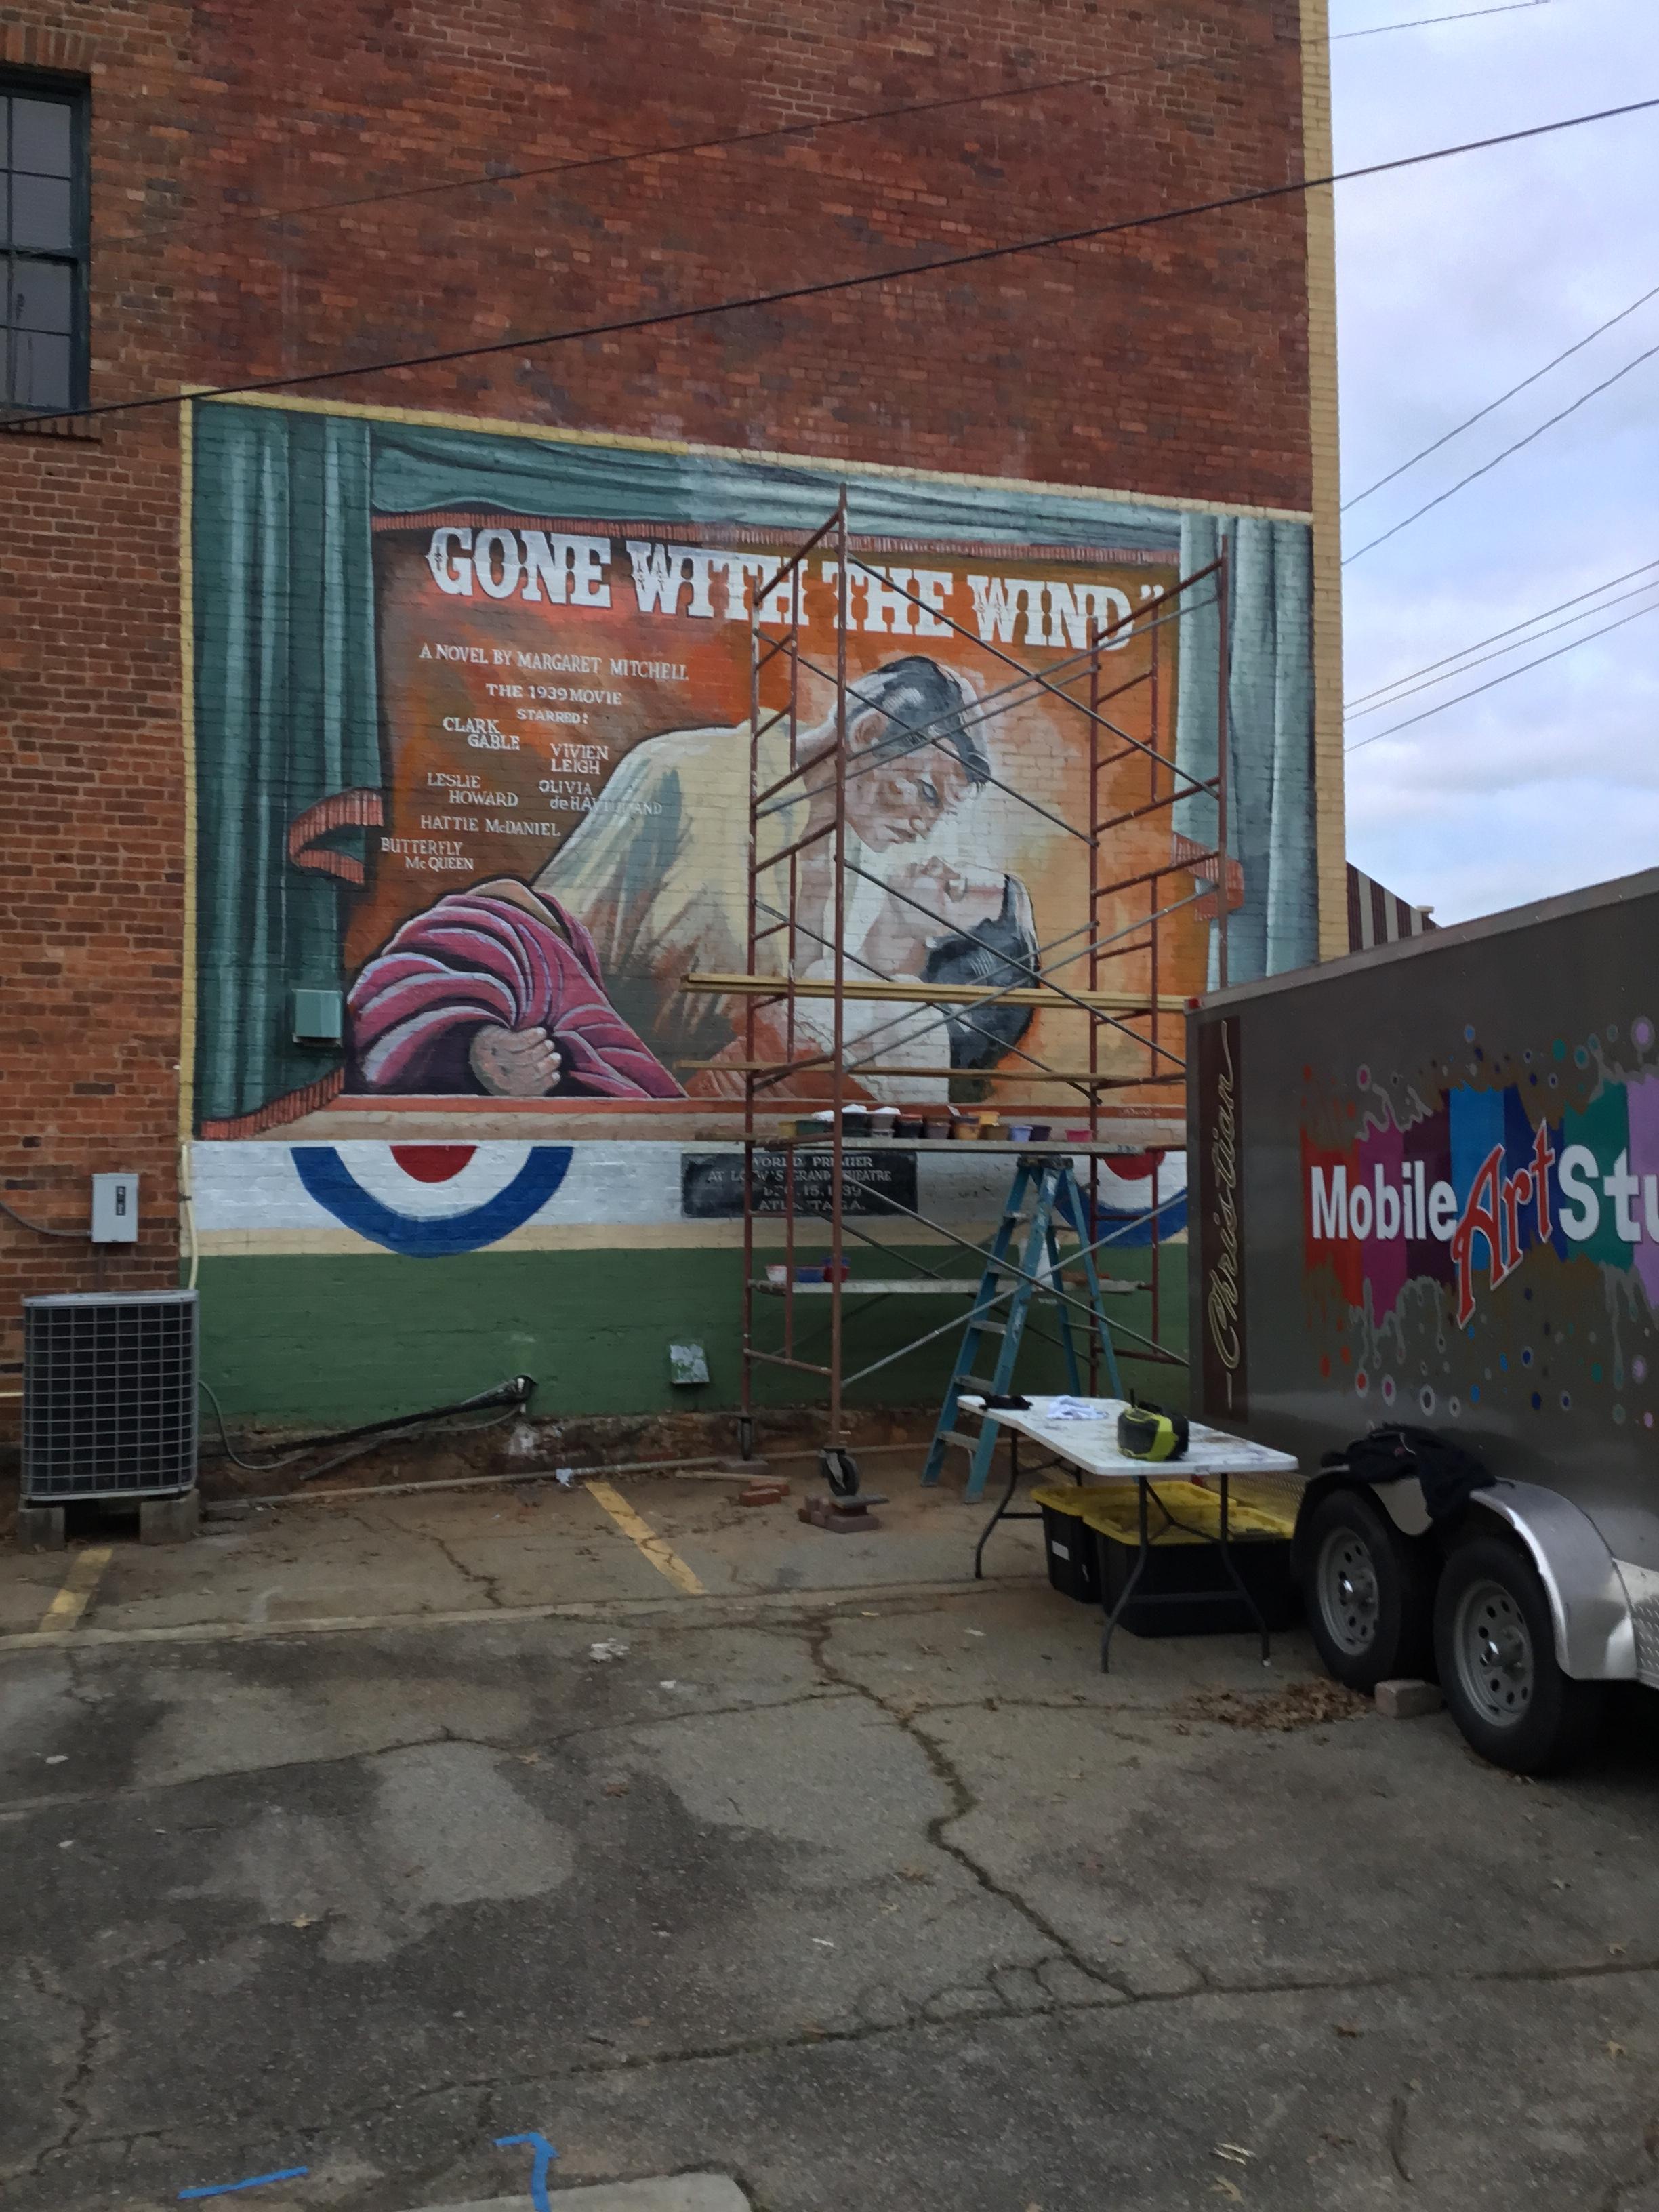 Work in progress in Washington, Ga.